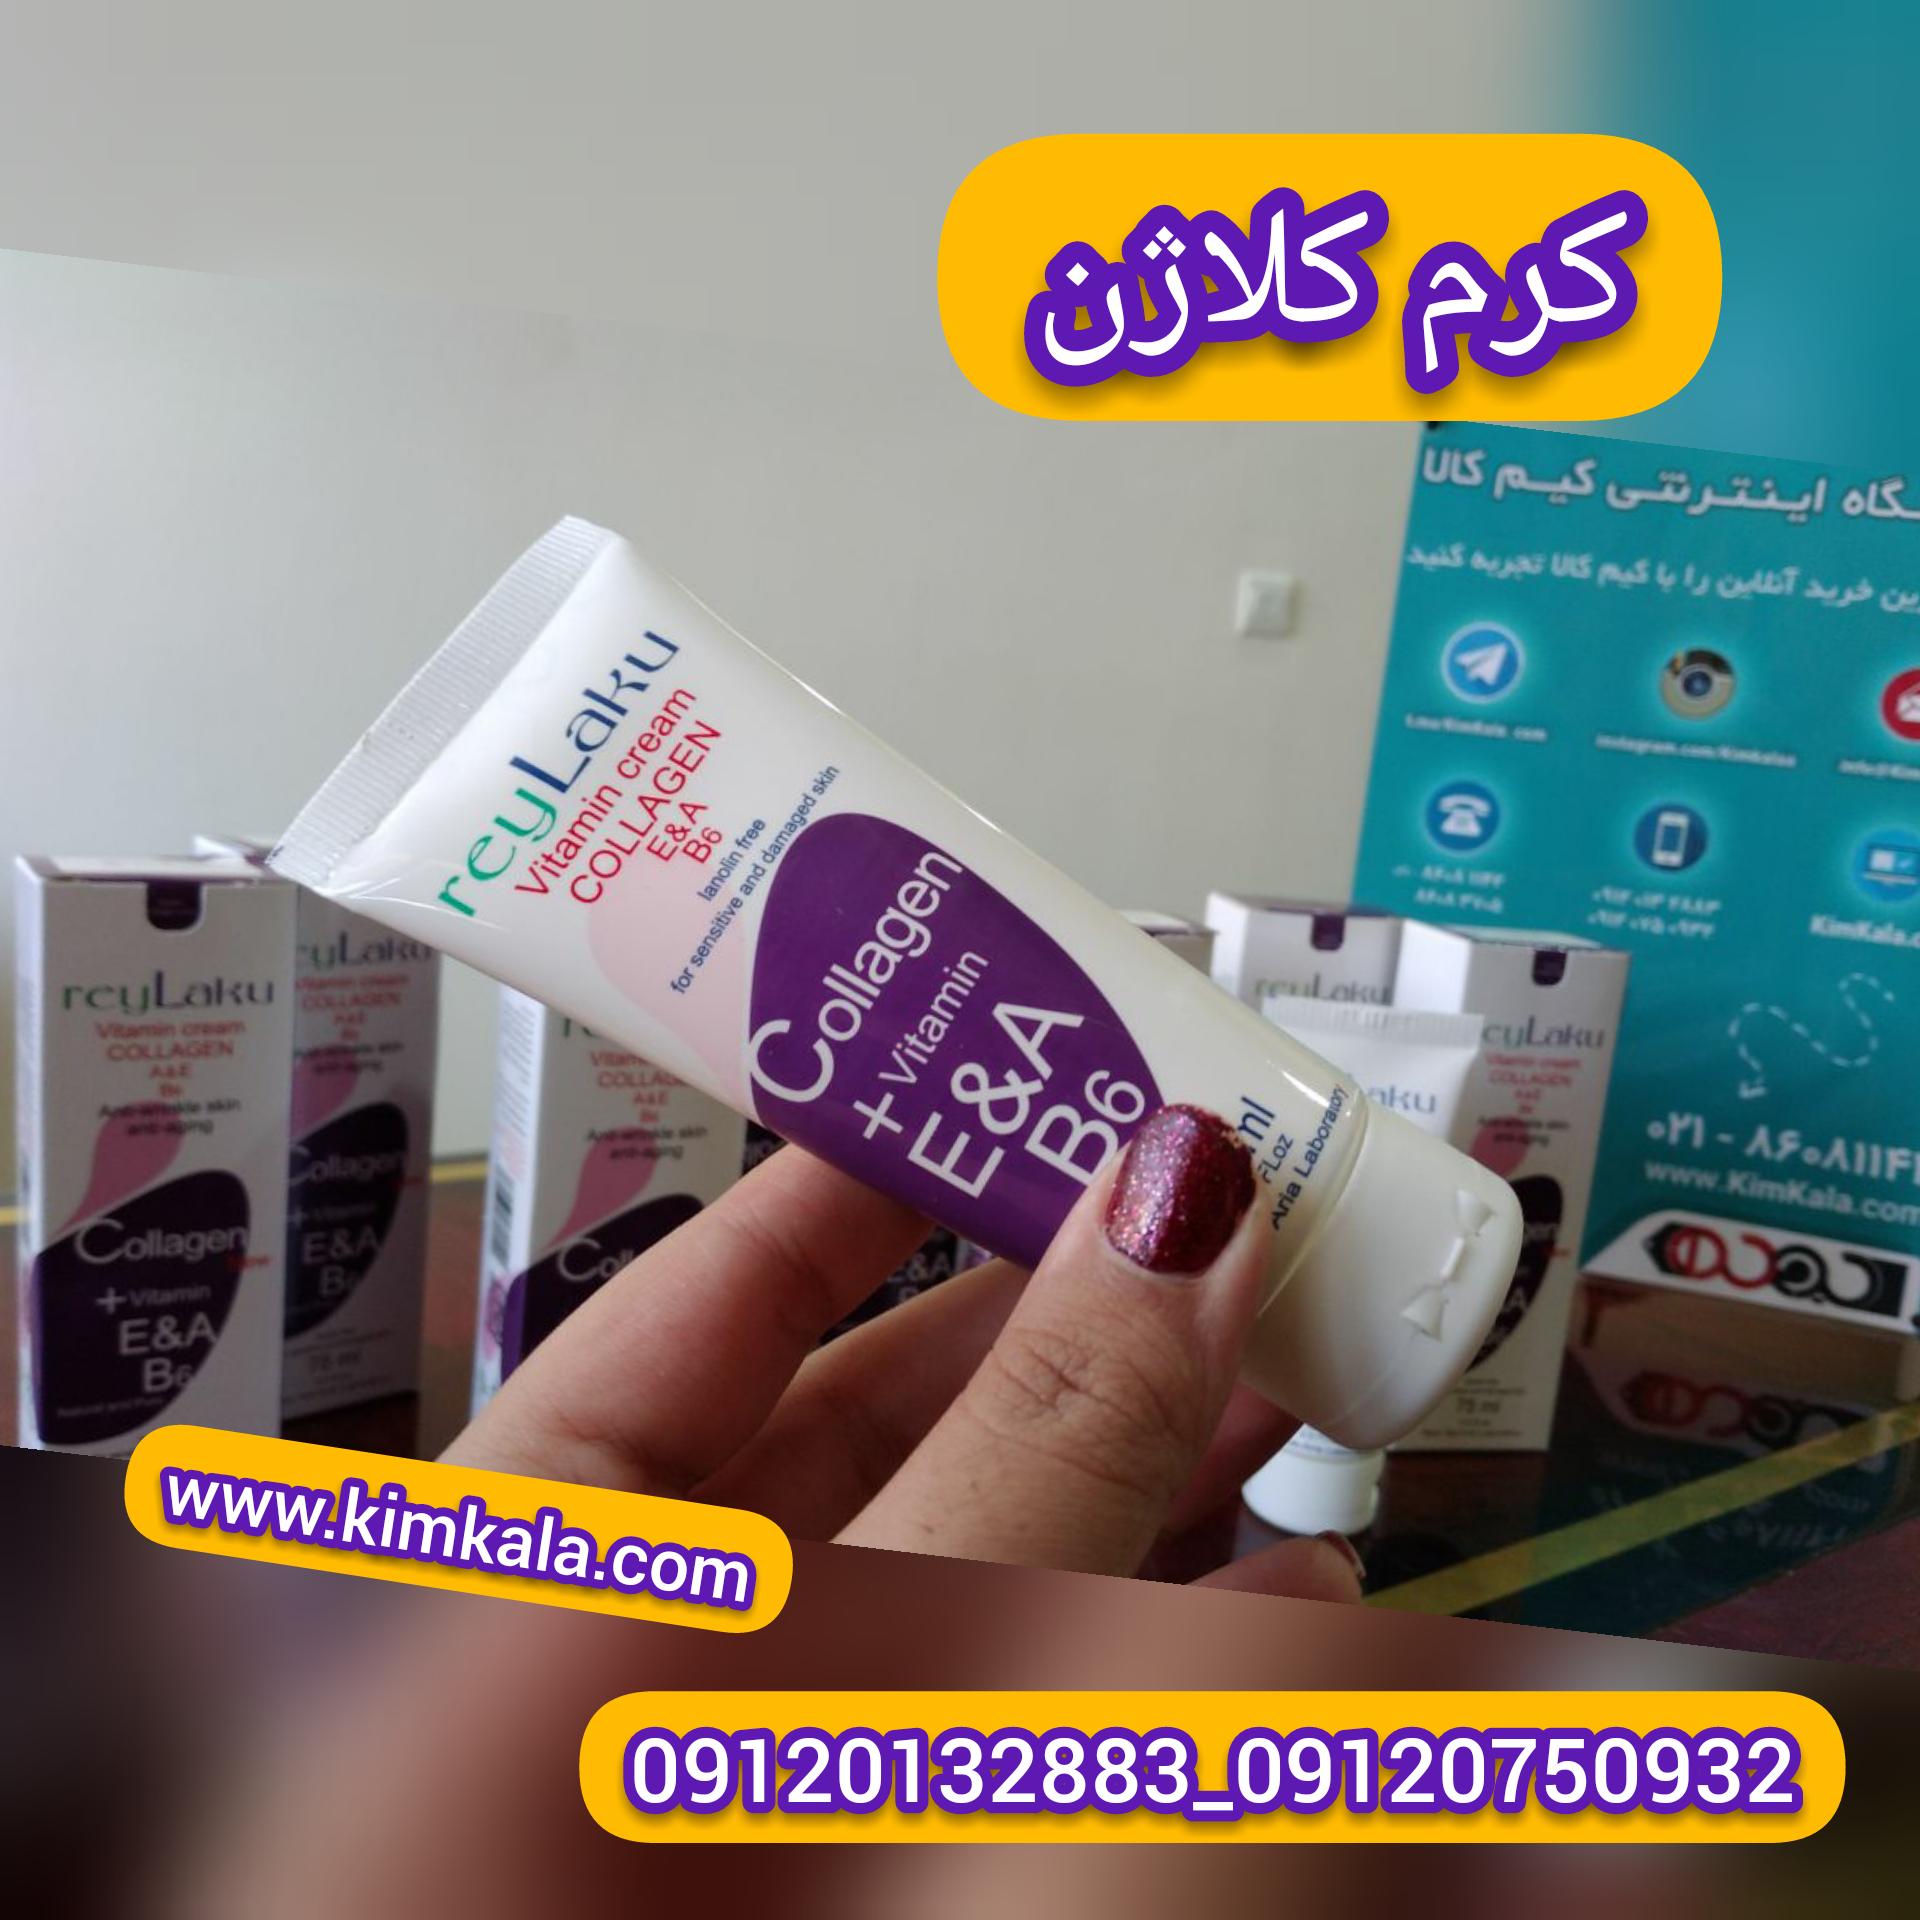 کرم کلاژن ساز ریلاکو۰۹۱۲۰۱۳۲۸۸۳/افزایش کلاژن سازی پوست